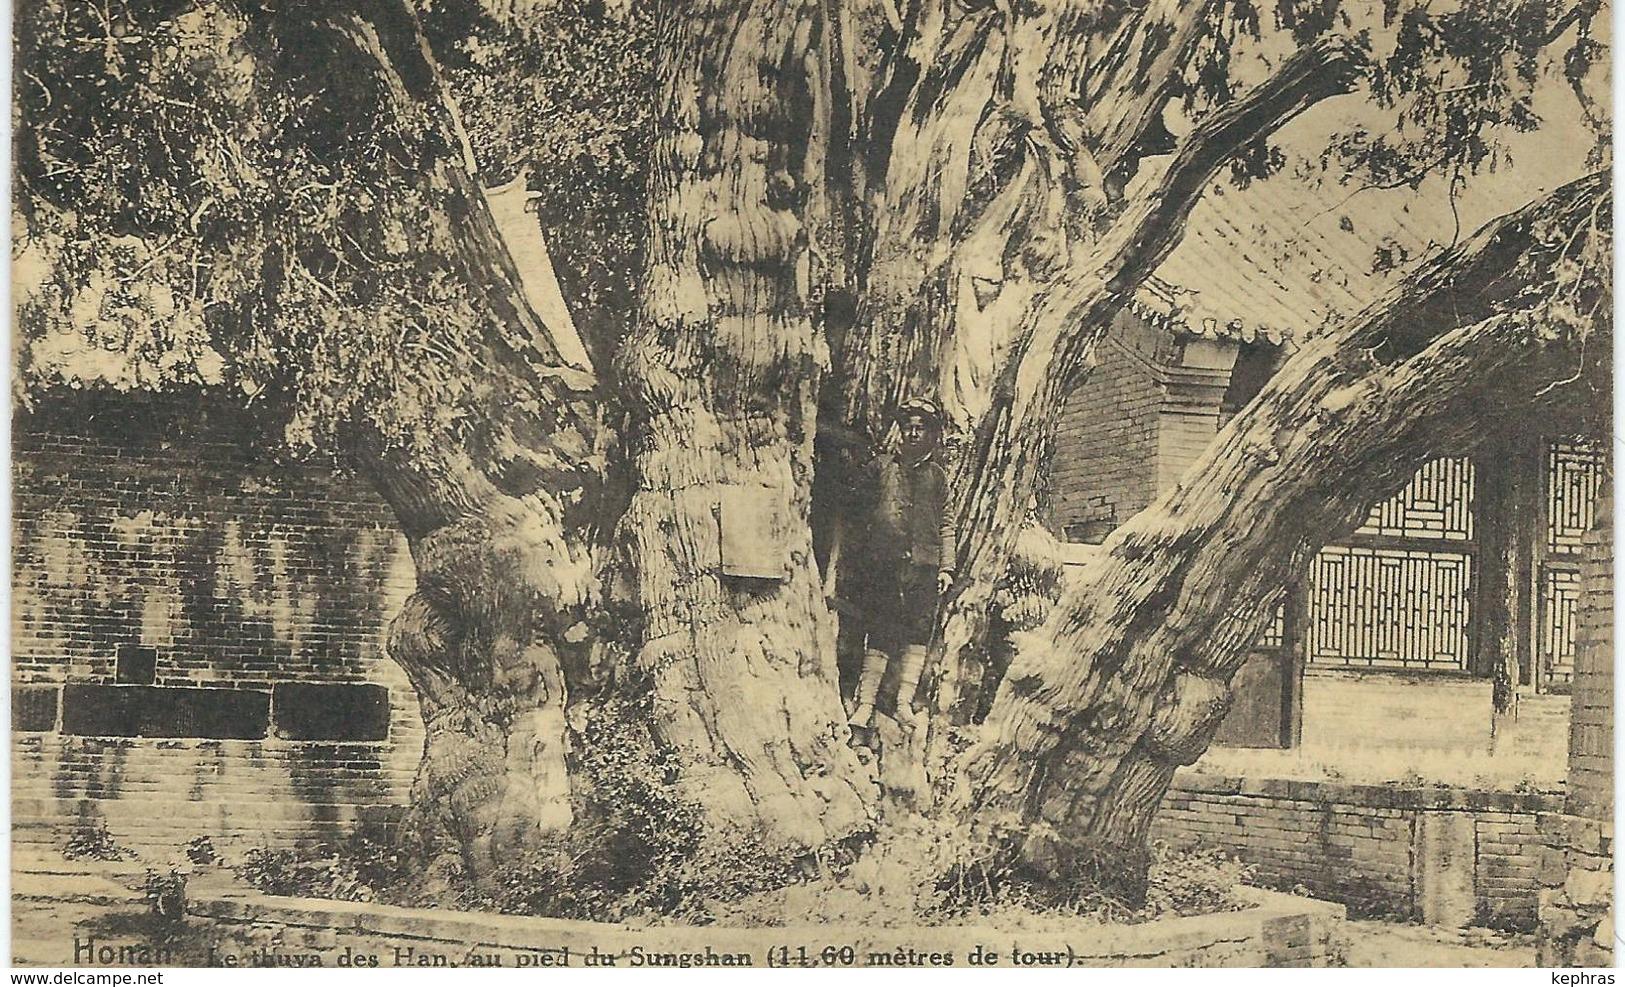 CHINE - CHINA -  HONAN - Le Thuya Des Han Au Pied Du Sungshan - Cachet De La Poste 1923 - Chine